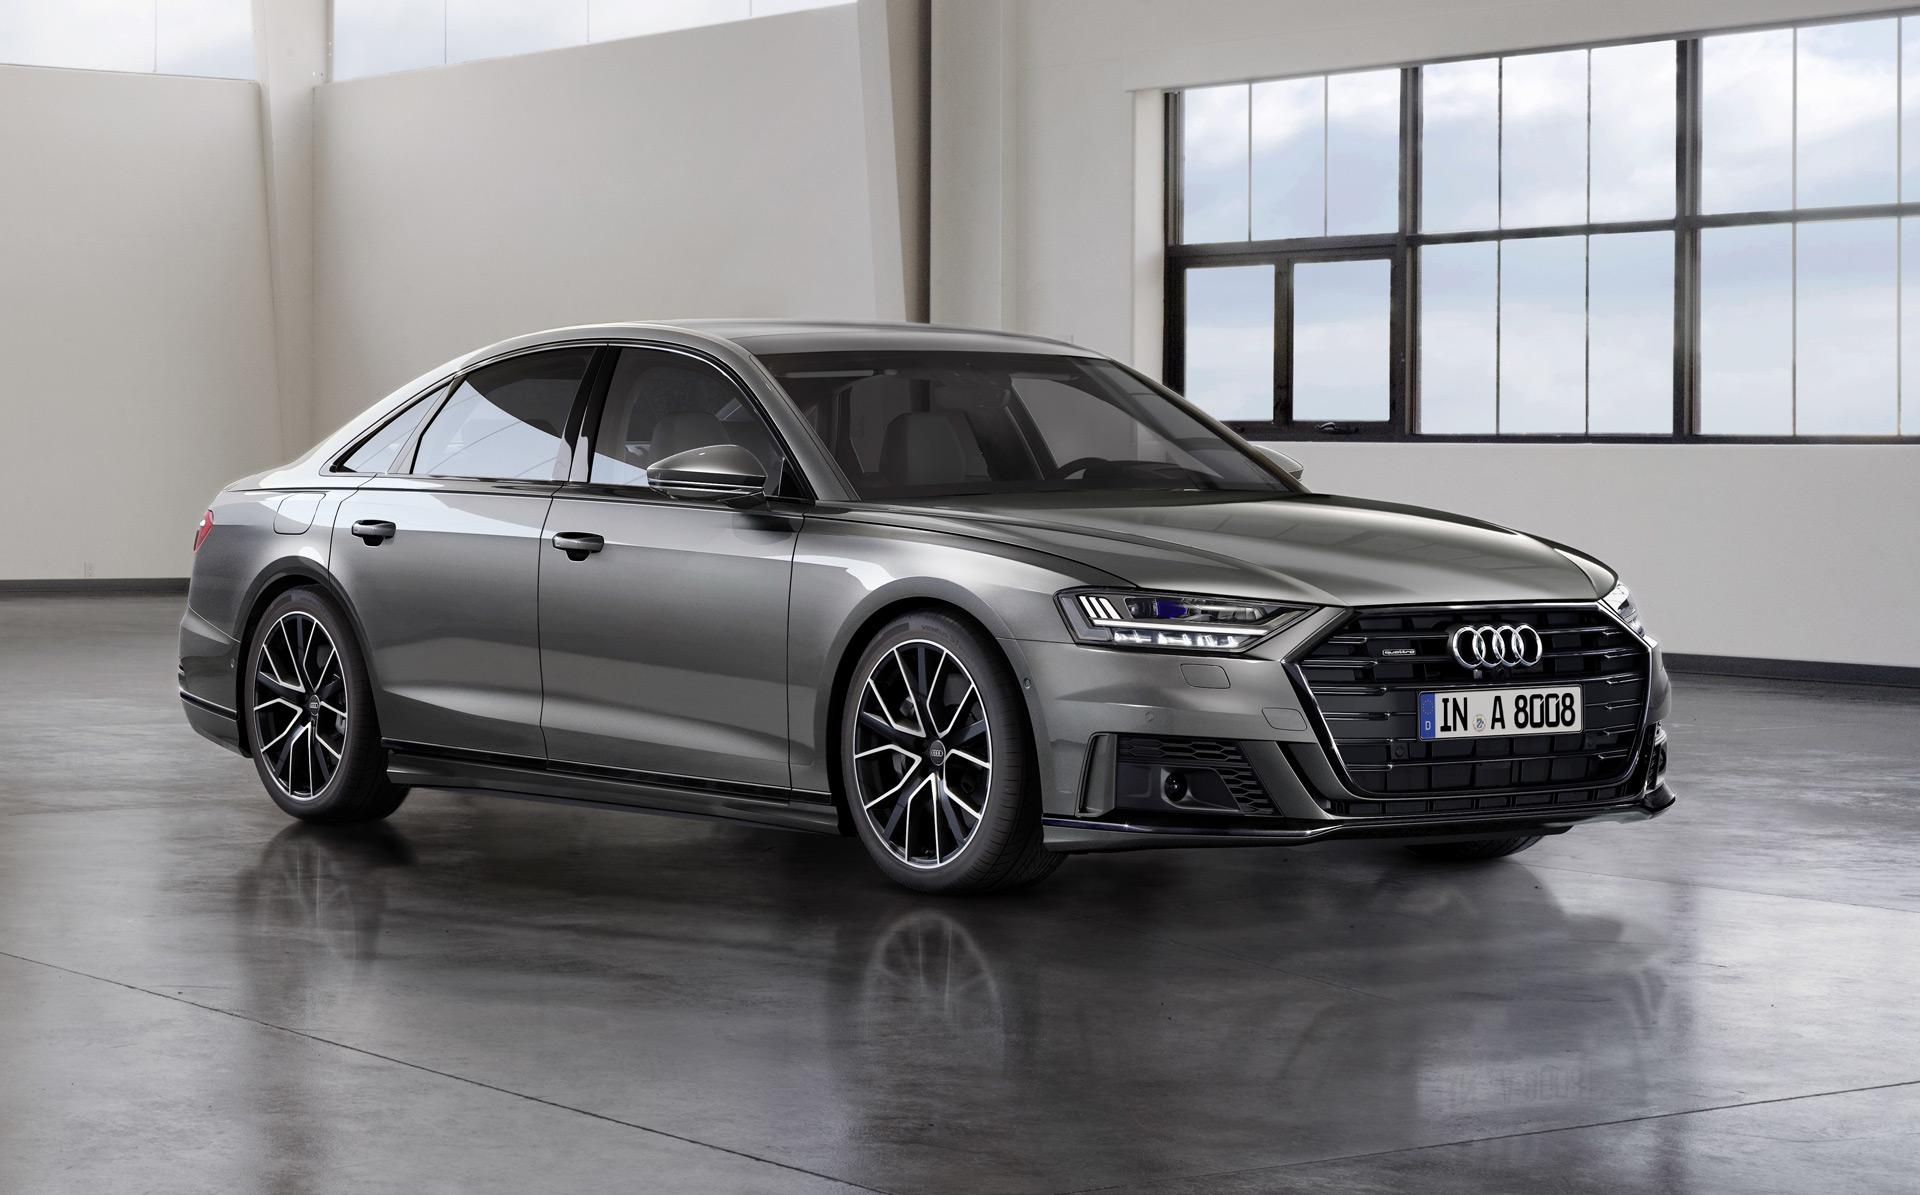 2021 Audi A8 New Concept